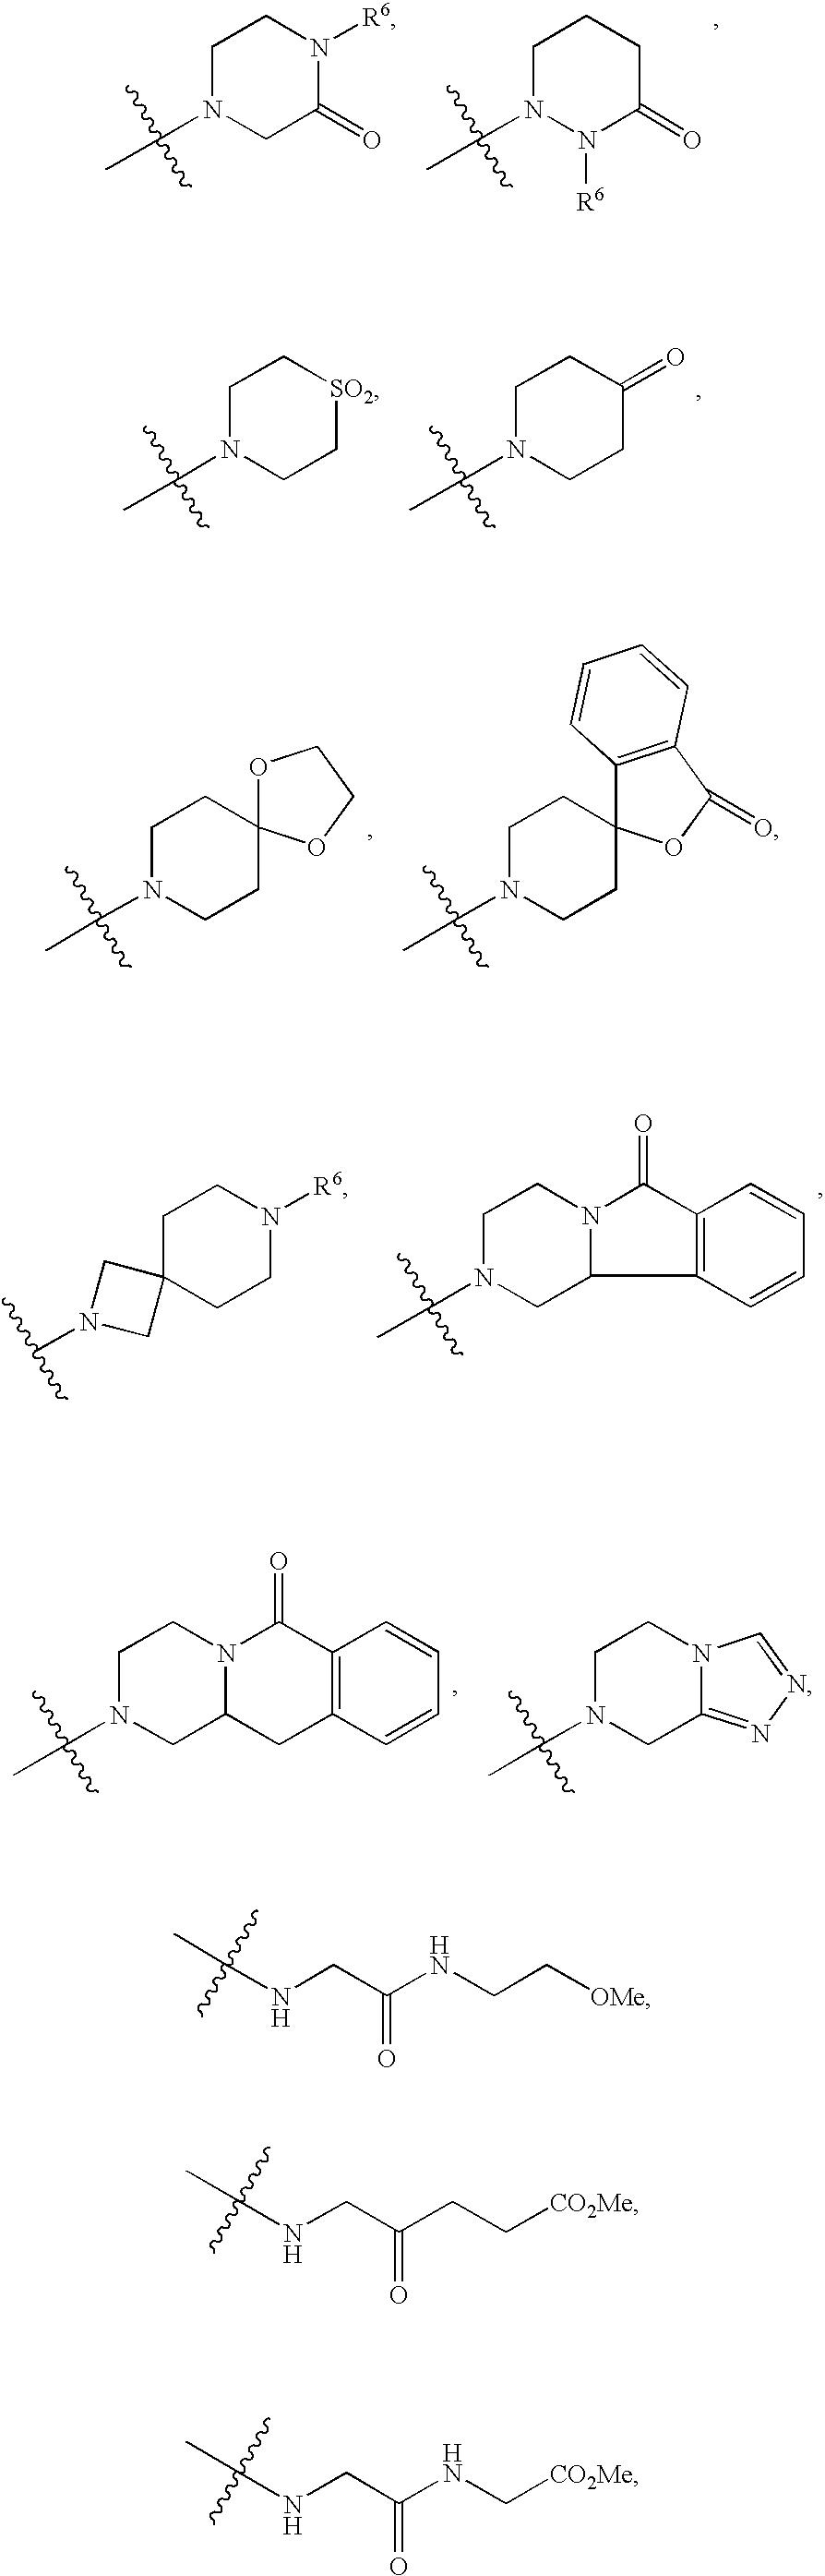 Figure US07473688-20090106-C00032